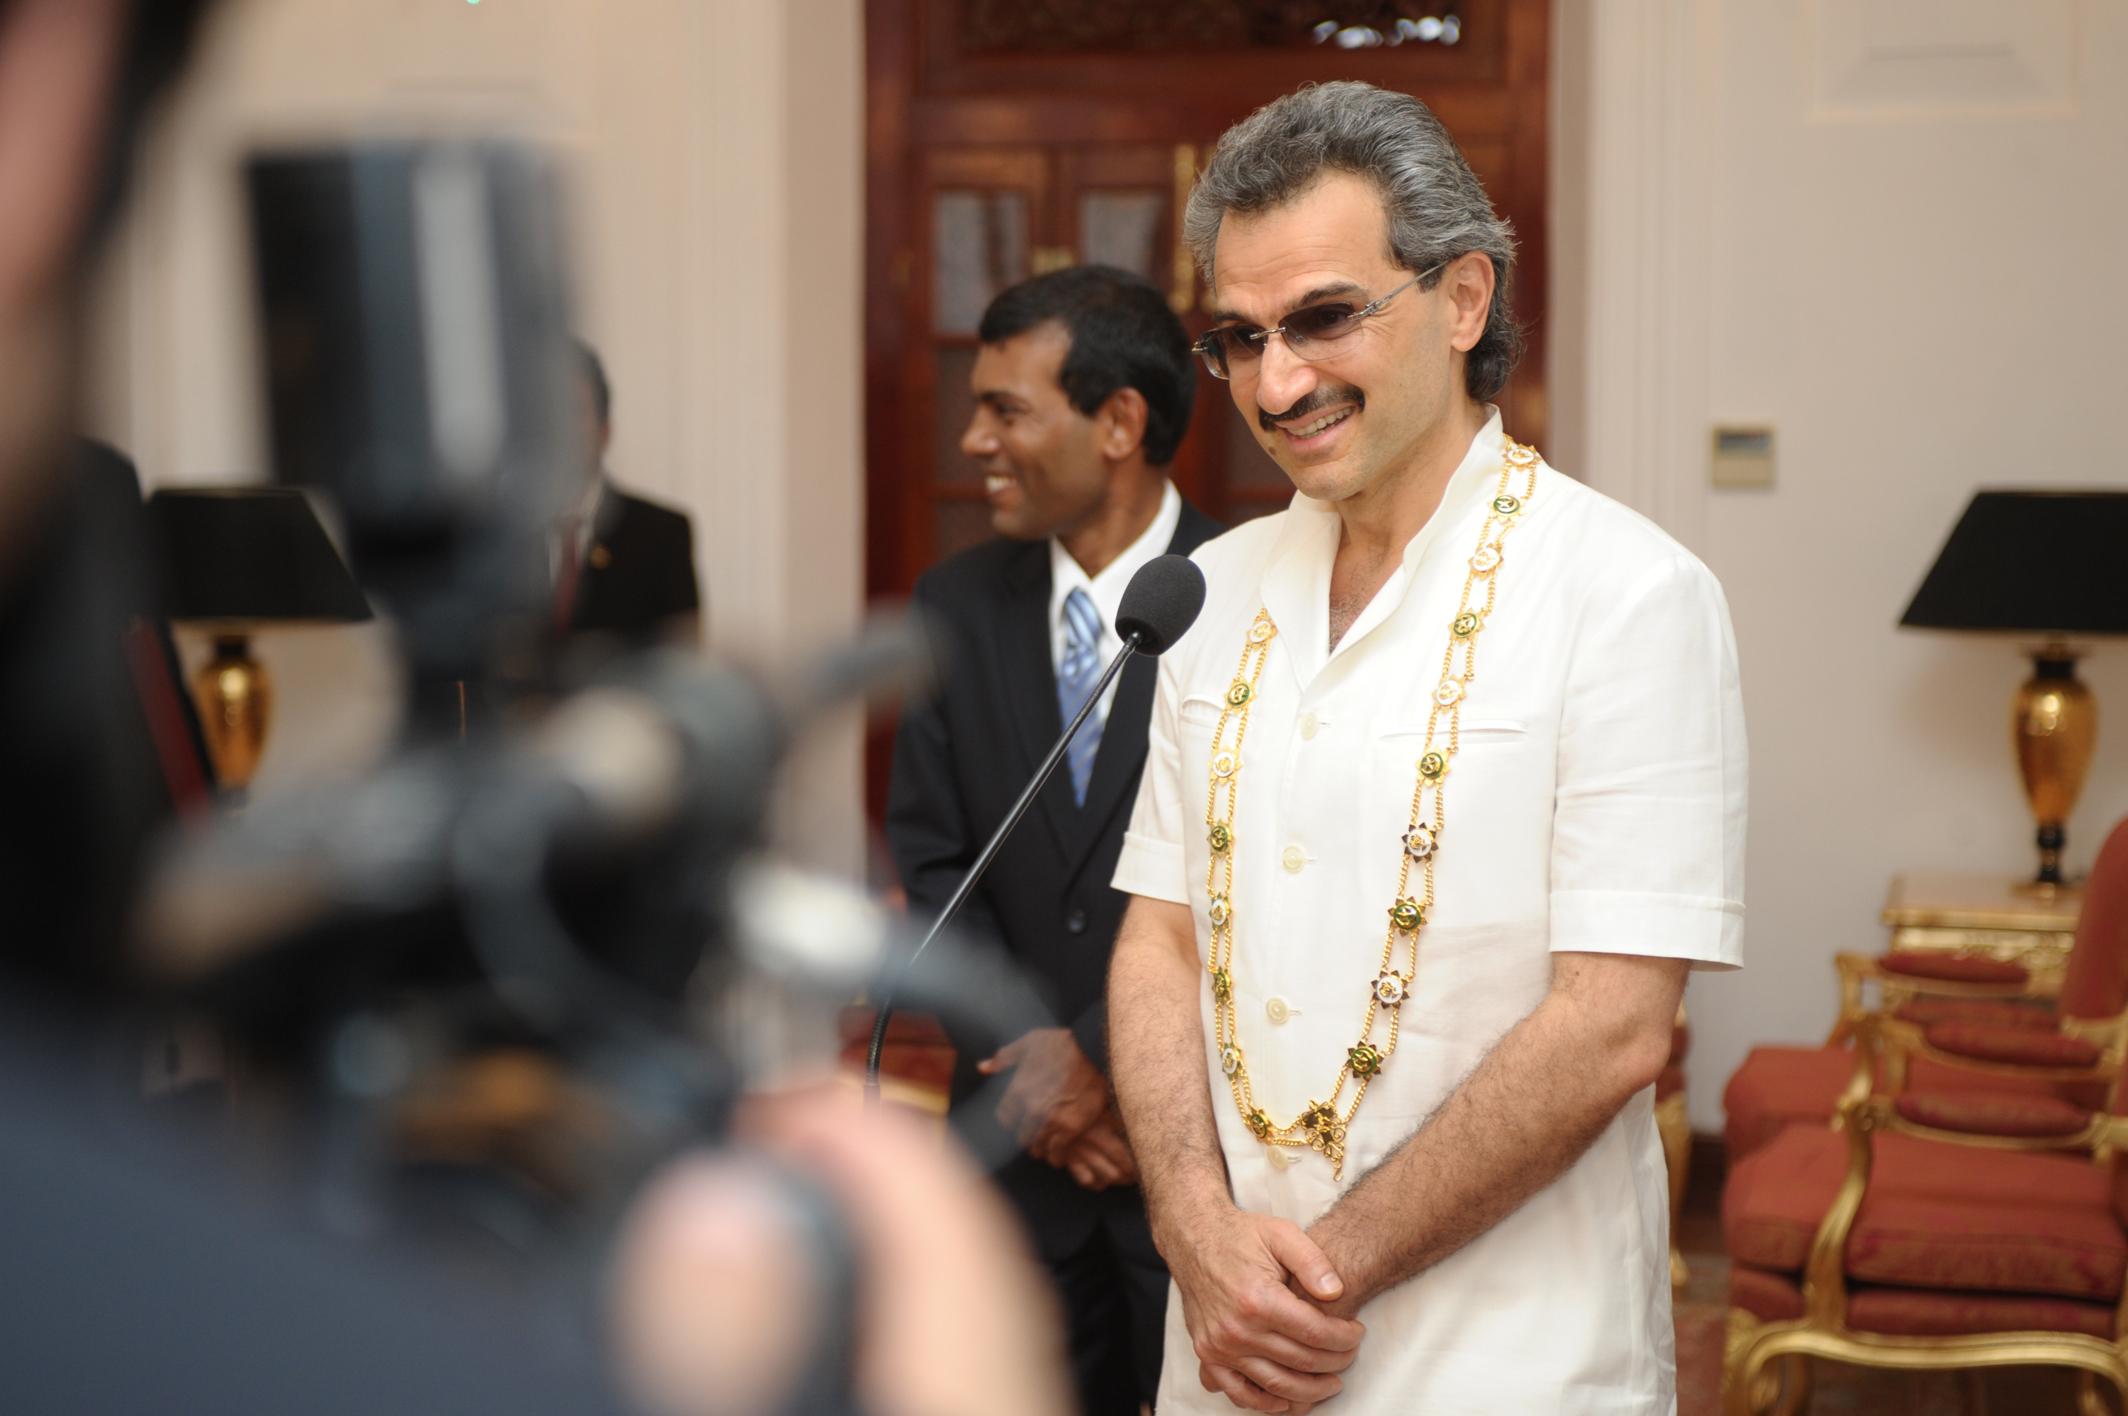 Prins Al-Waleed bin Talal. Foto: Mauroof Khaleel (Flickr)